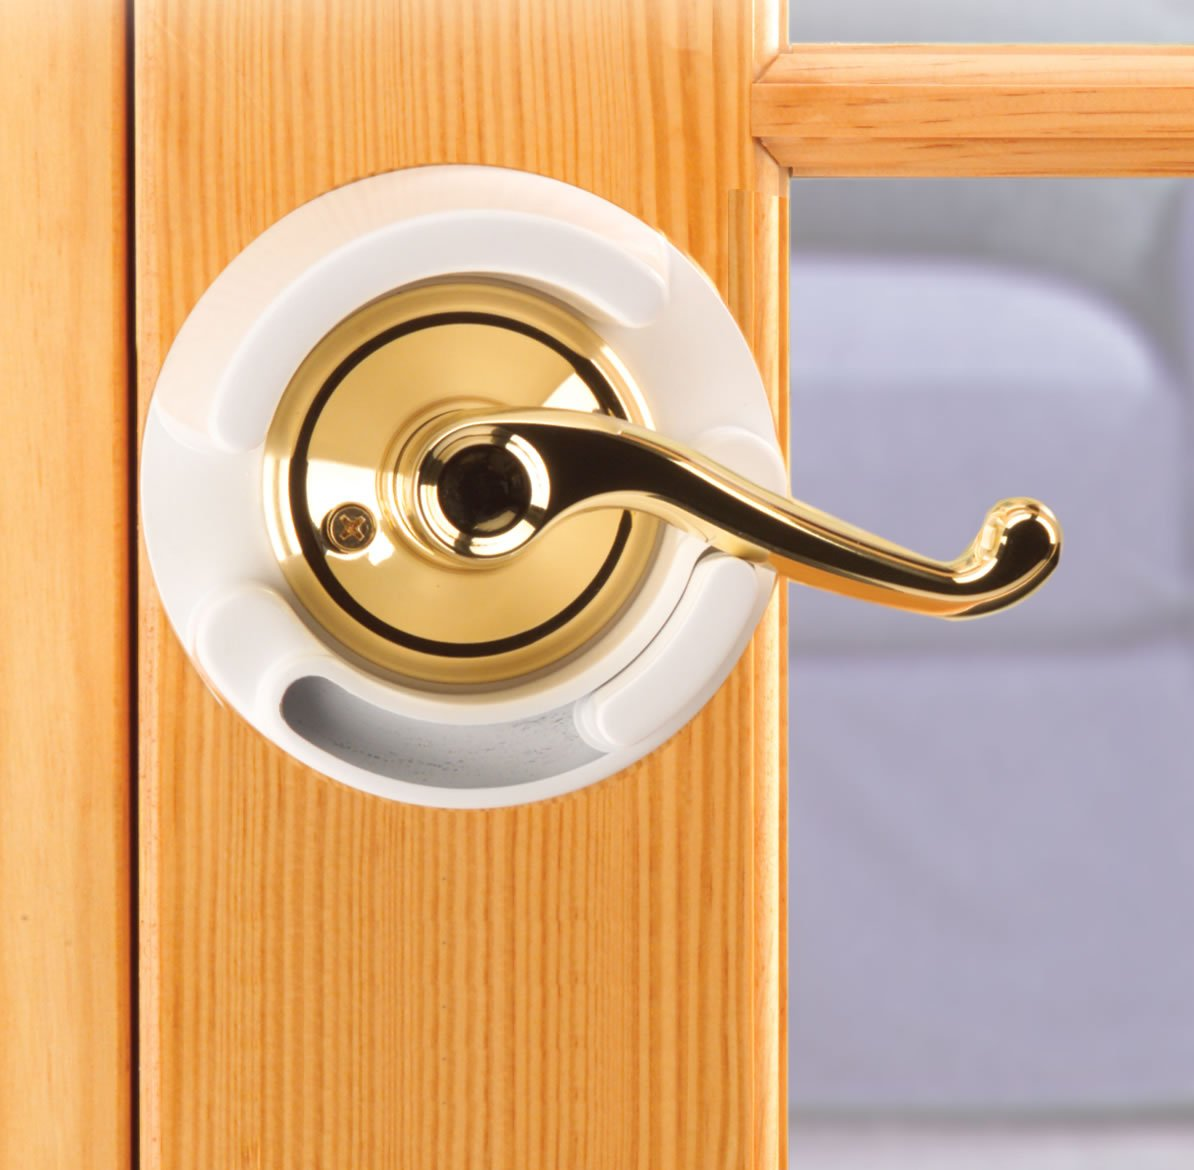 baby proof door knob photo - 9